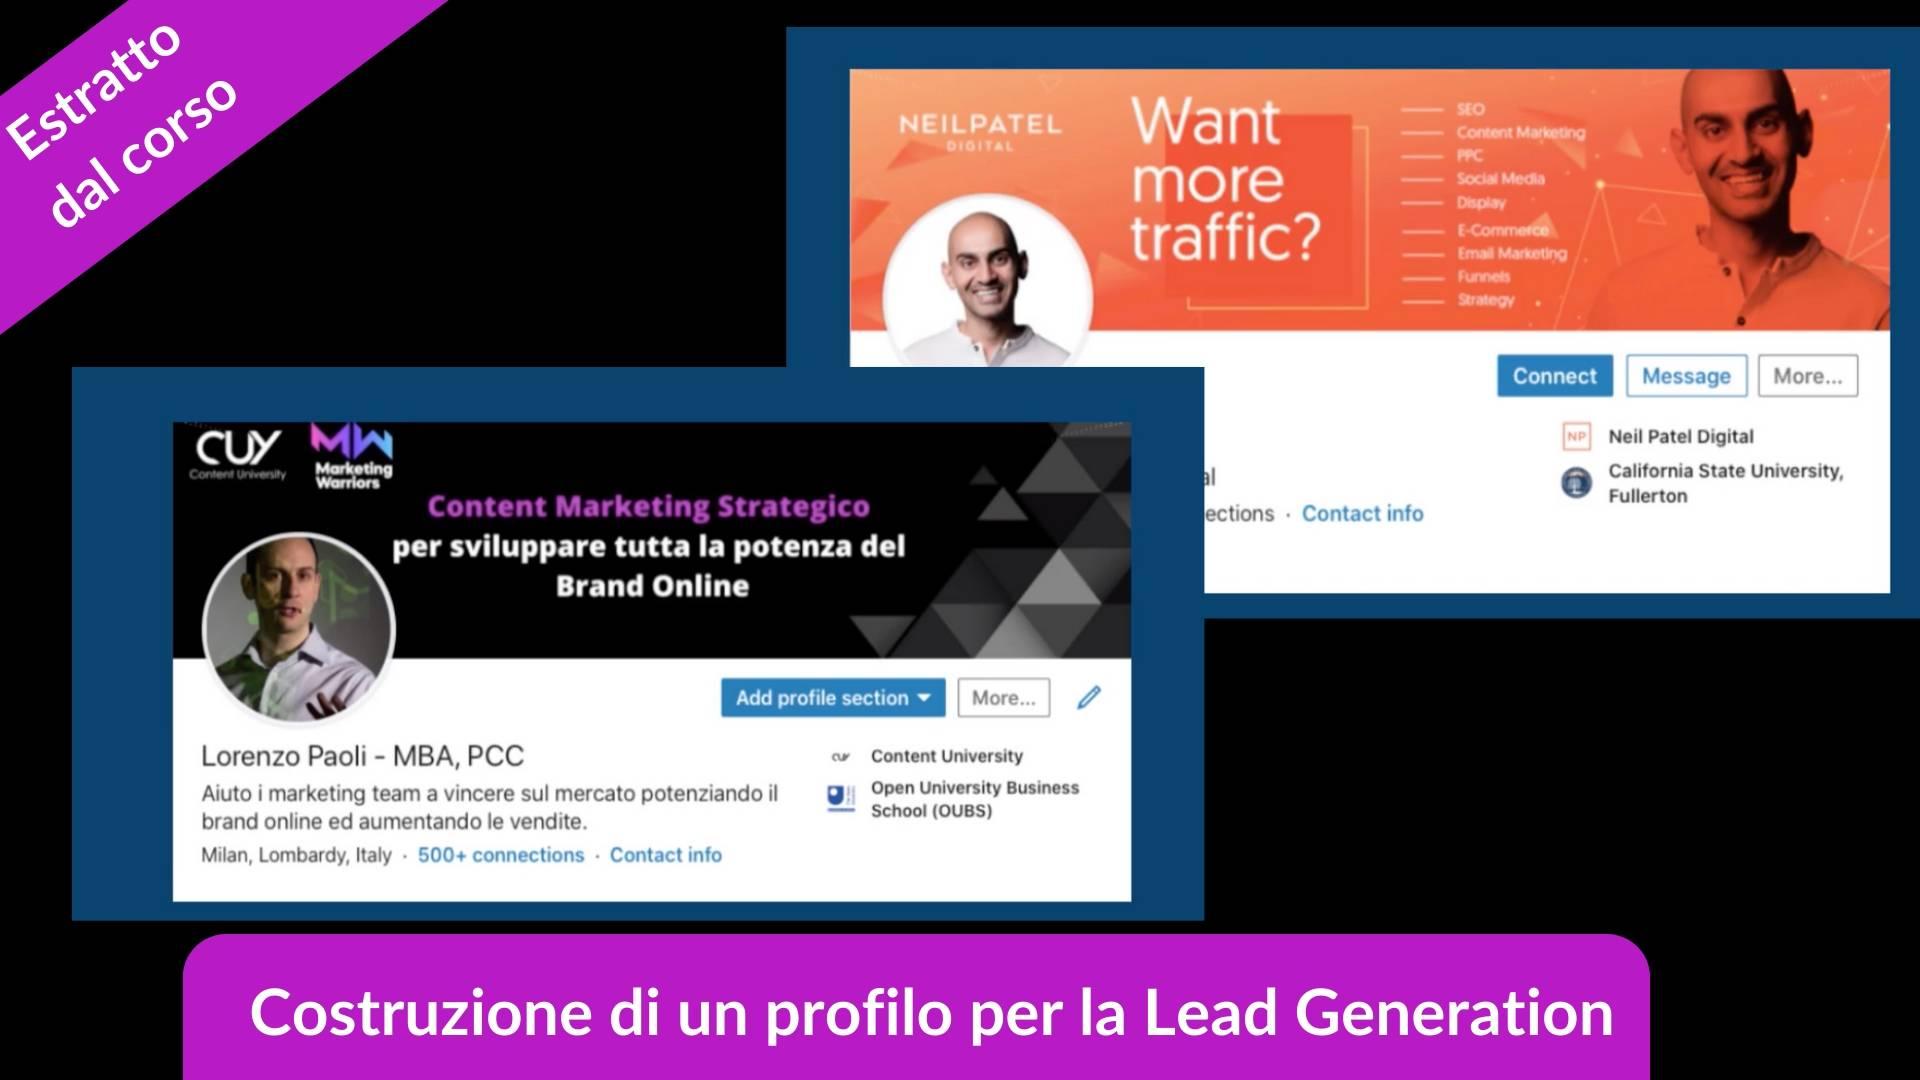 Estratto dal corso la lead generation con LinkedIn, come costruire il profilo